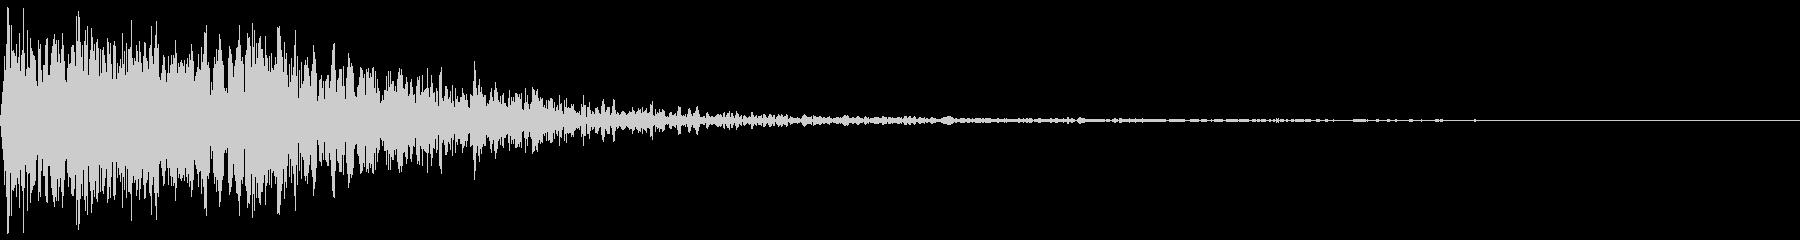 【シネマティック 】 衝撃音_148の未再生の波形